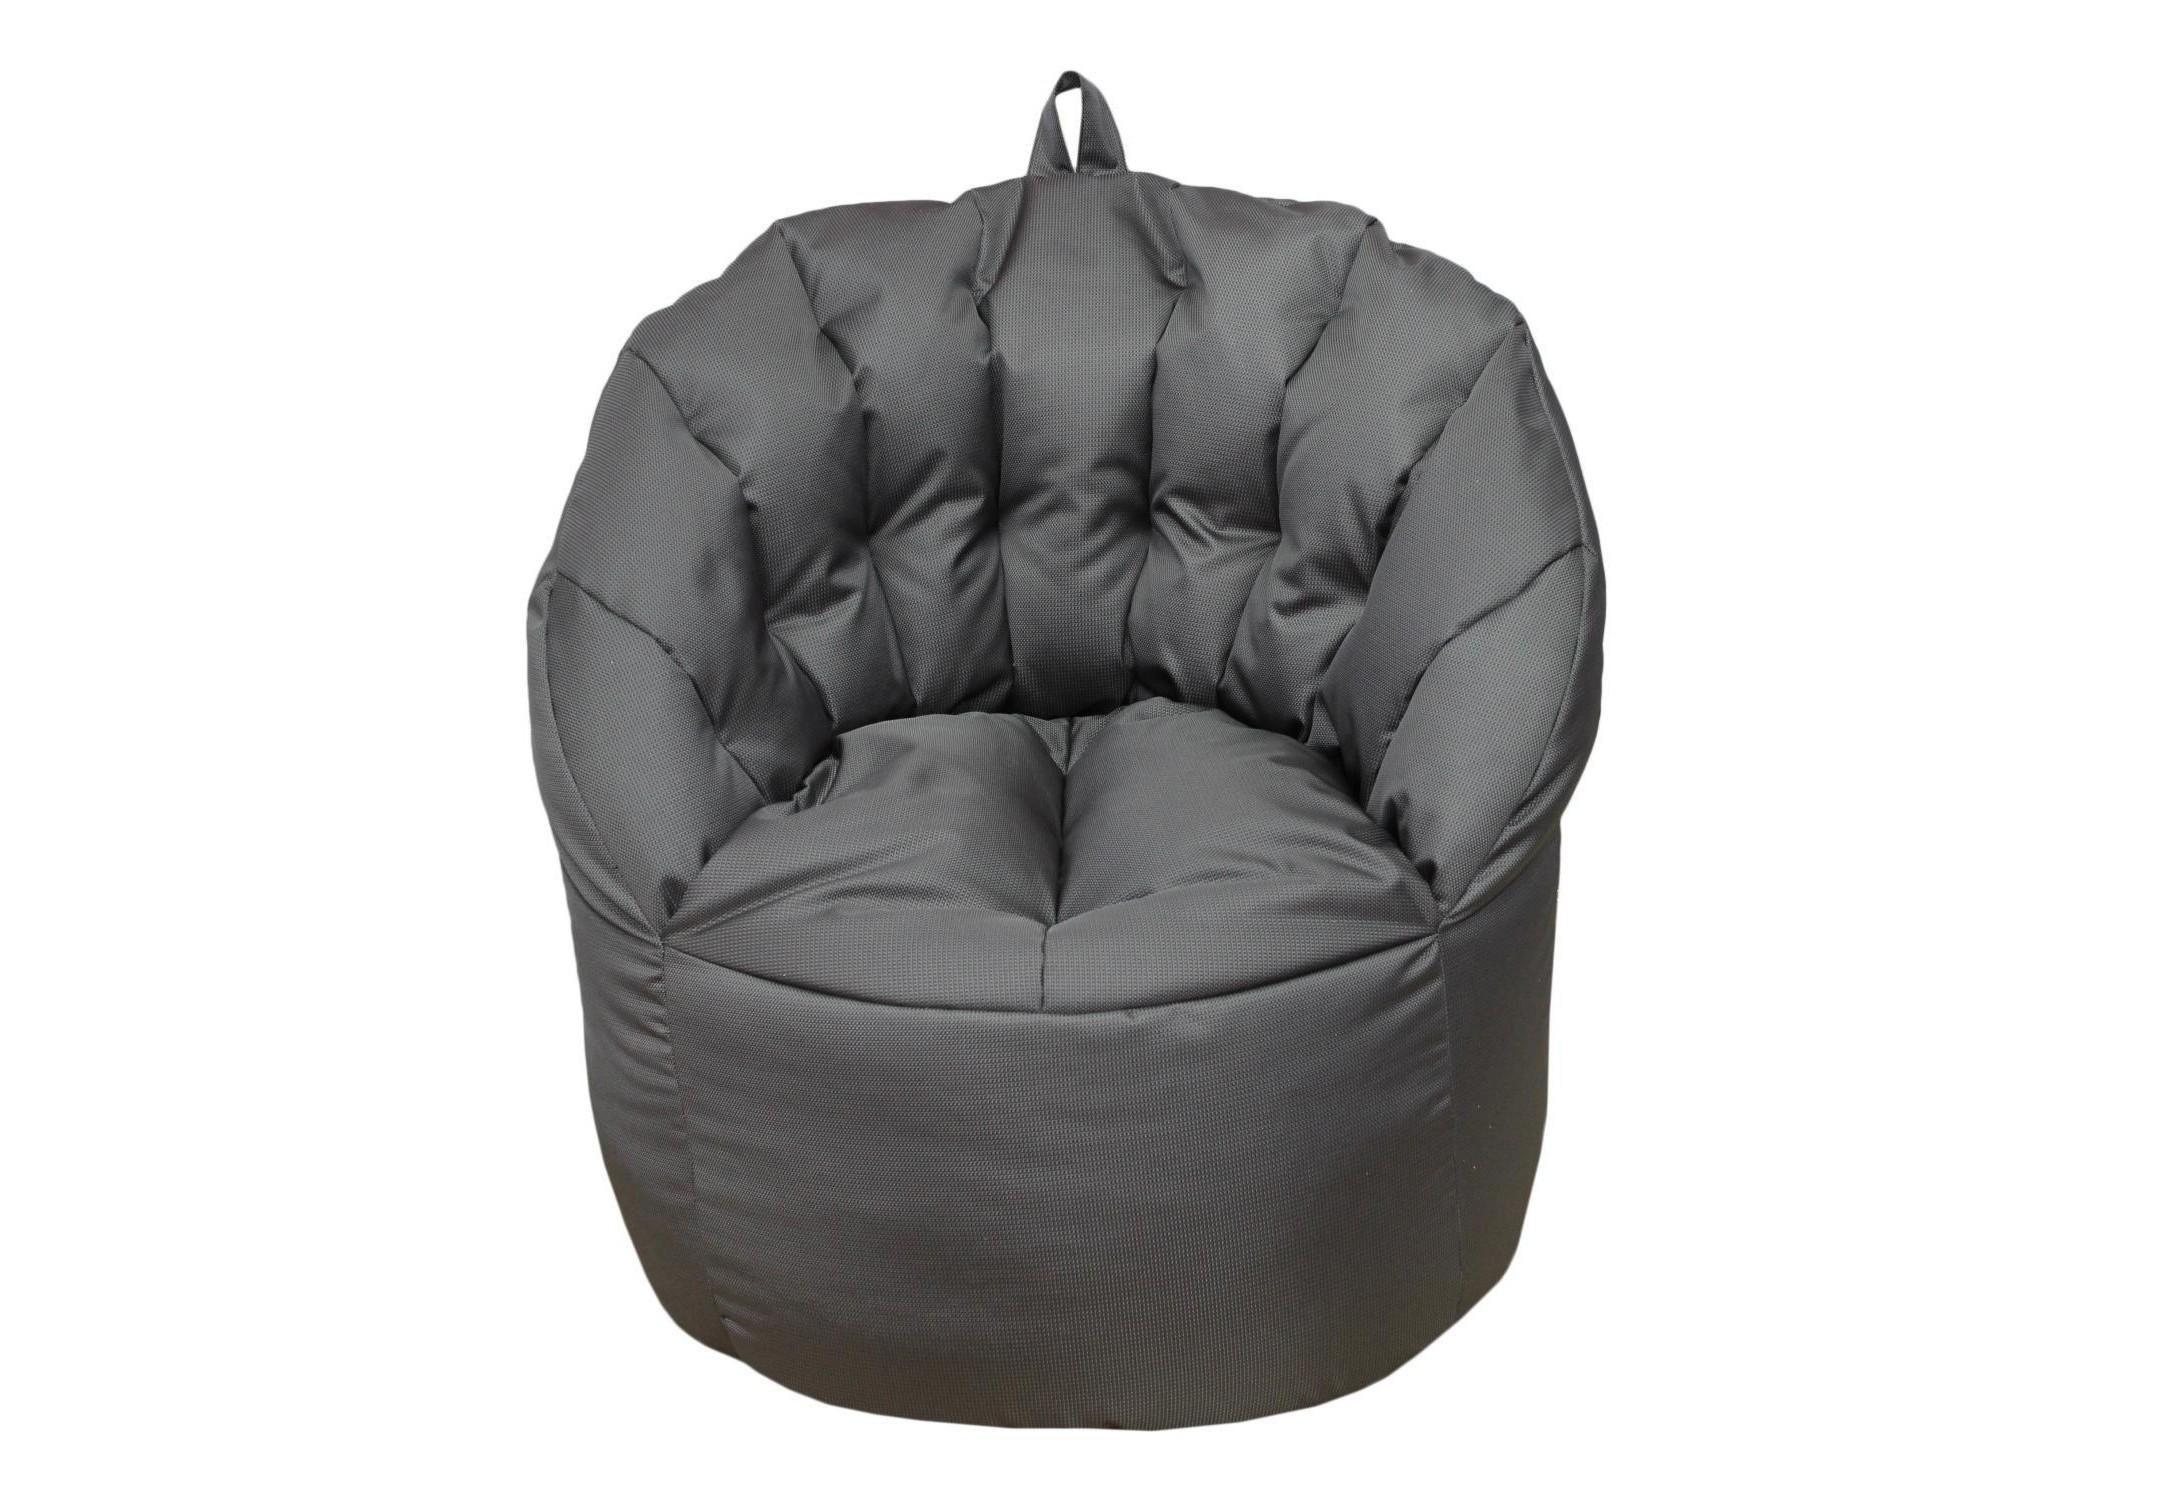 Уличное Кресло- пуф SilverФорменные пуфы<br>Очень комфортное и  легкое  Кресло-пуф станет неотъемлемой частью вашего интерьера как дома ,так и на улице. Сиденье и спинка кресла великолепно поддерживают и принимают форму тела, обеспечивая комфортный отдых. Читайте книгу, общайтесь с друзьями или просто наслаждайтесь лучами летнего солнца удобно разместившись в этом кресле!  Оно сшито из очень плотной ткани с водооталкивающим покрытием с внешней стороны, поэтому идеально подойдет для уличного декора.При загрязнении его достаточно протереть мокрой салфеткой.<br><br>Material: Текстиль<br>Length см: None<br>Width см: 65<br>Depth см: 45<br>Height см: 80